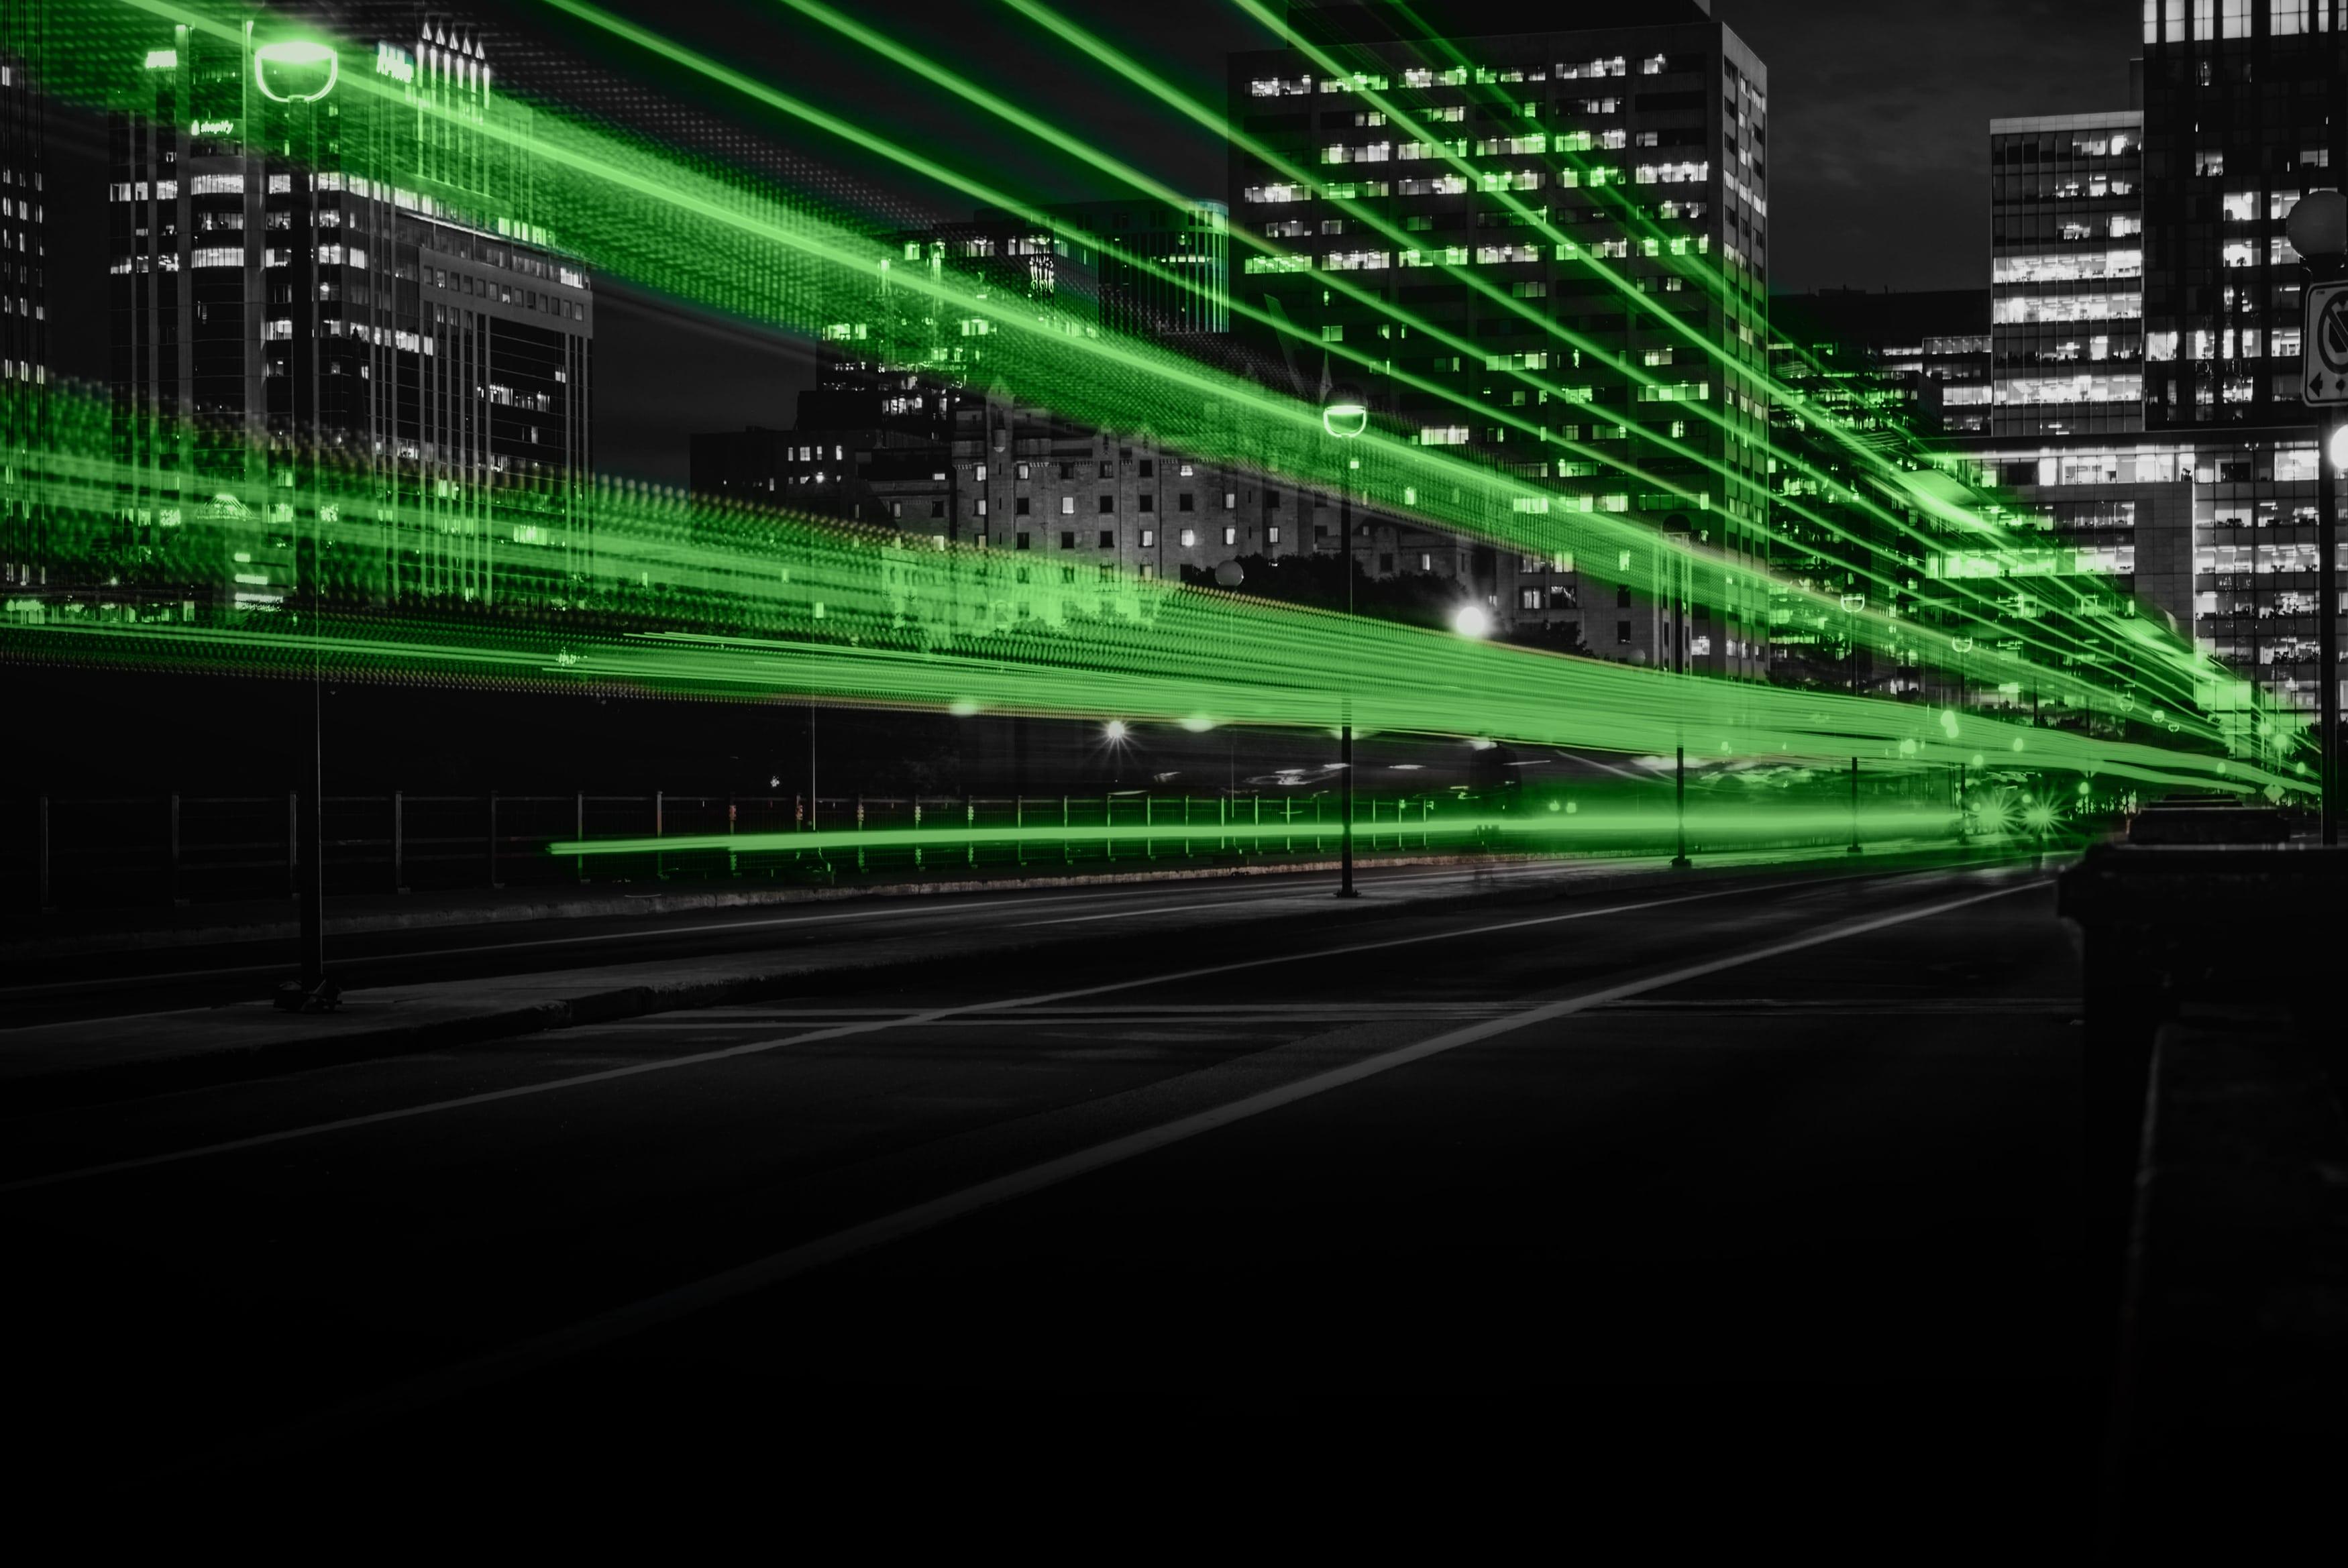 La fibra ottica: un passo verso il futuro della tecnologia